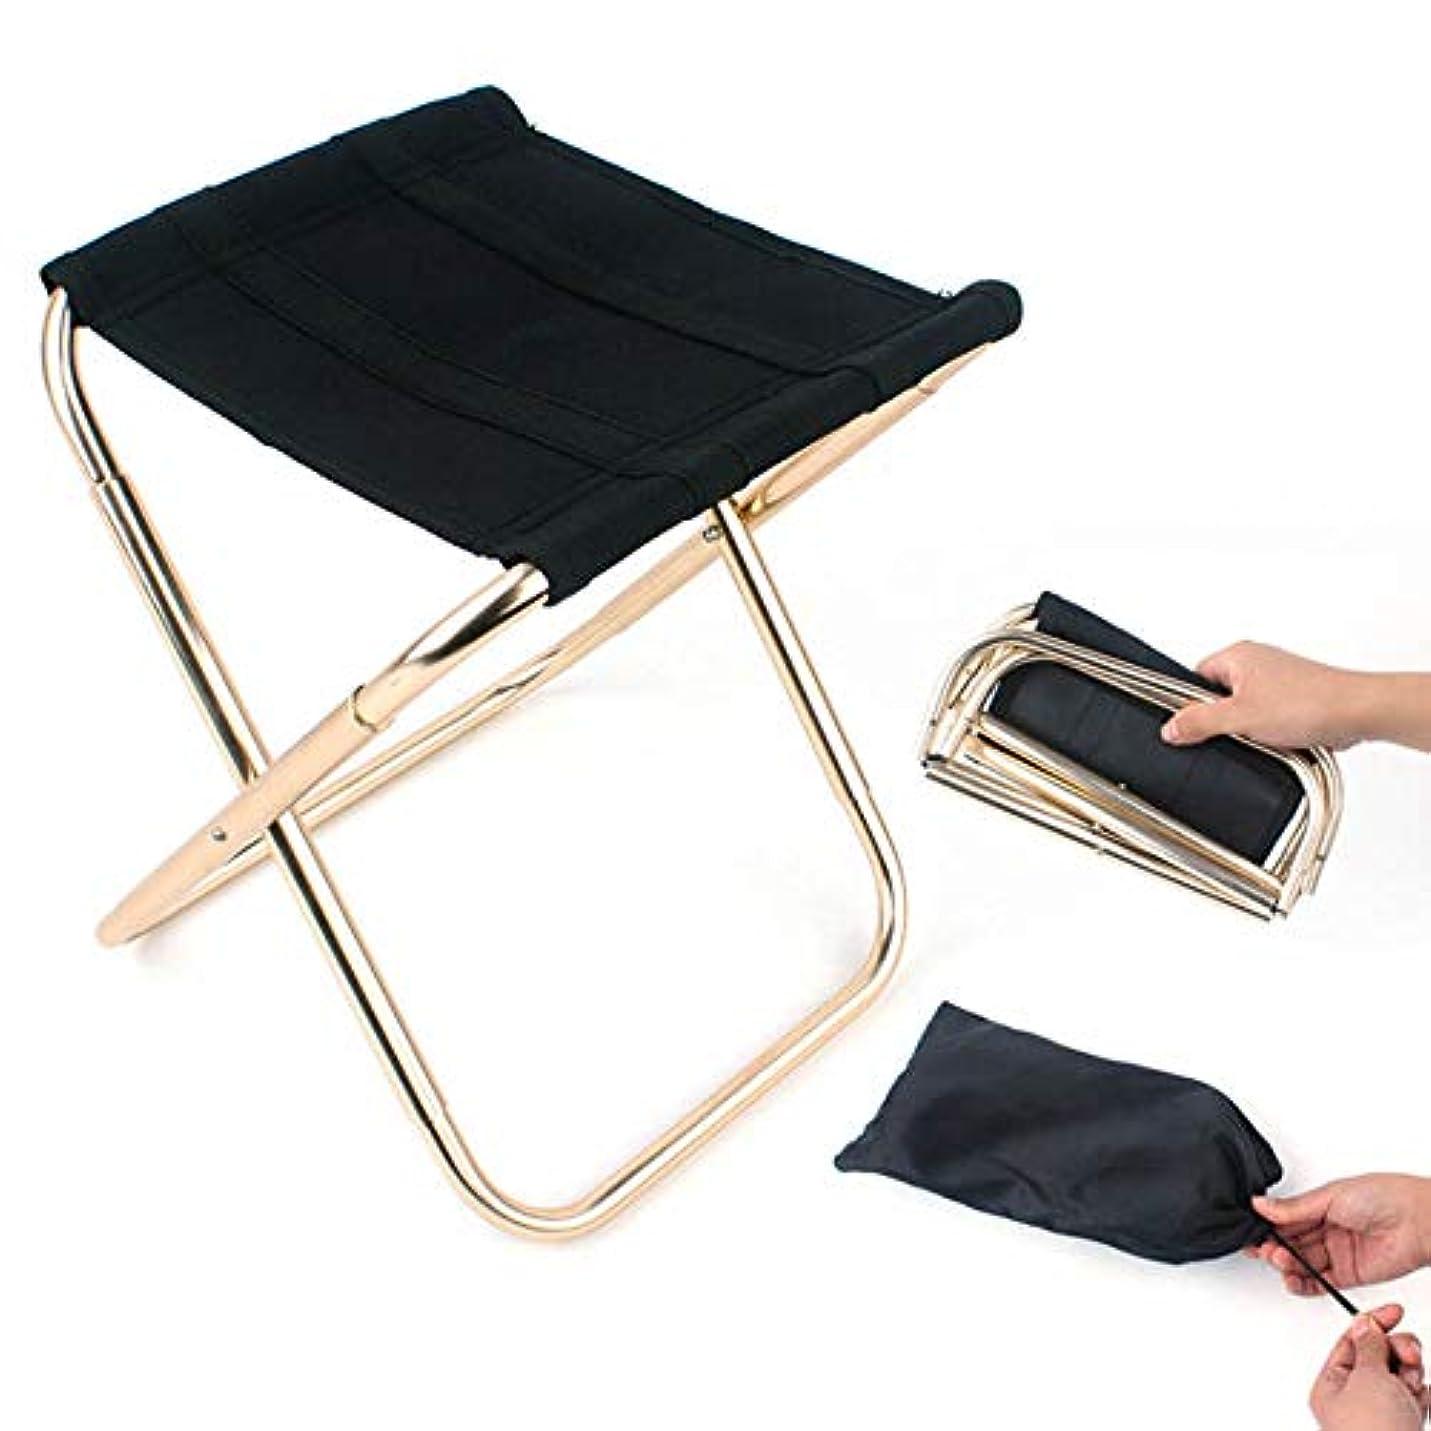 国籍オール宿るFirlar アウトドアチェア コンパクト 折りたたみ椅子 小型 軽量 BBQ イス 丈夫 収納袋付き 携帯便利 レジャー バーベキュー お釣り 登山 キャンプ用品